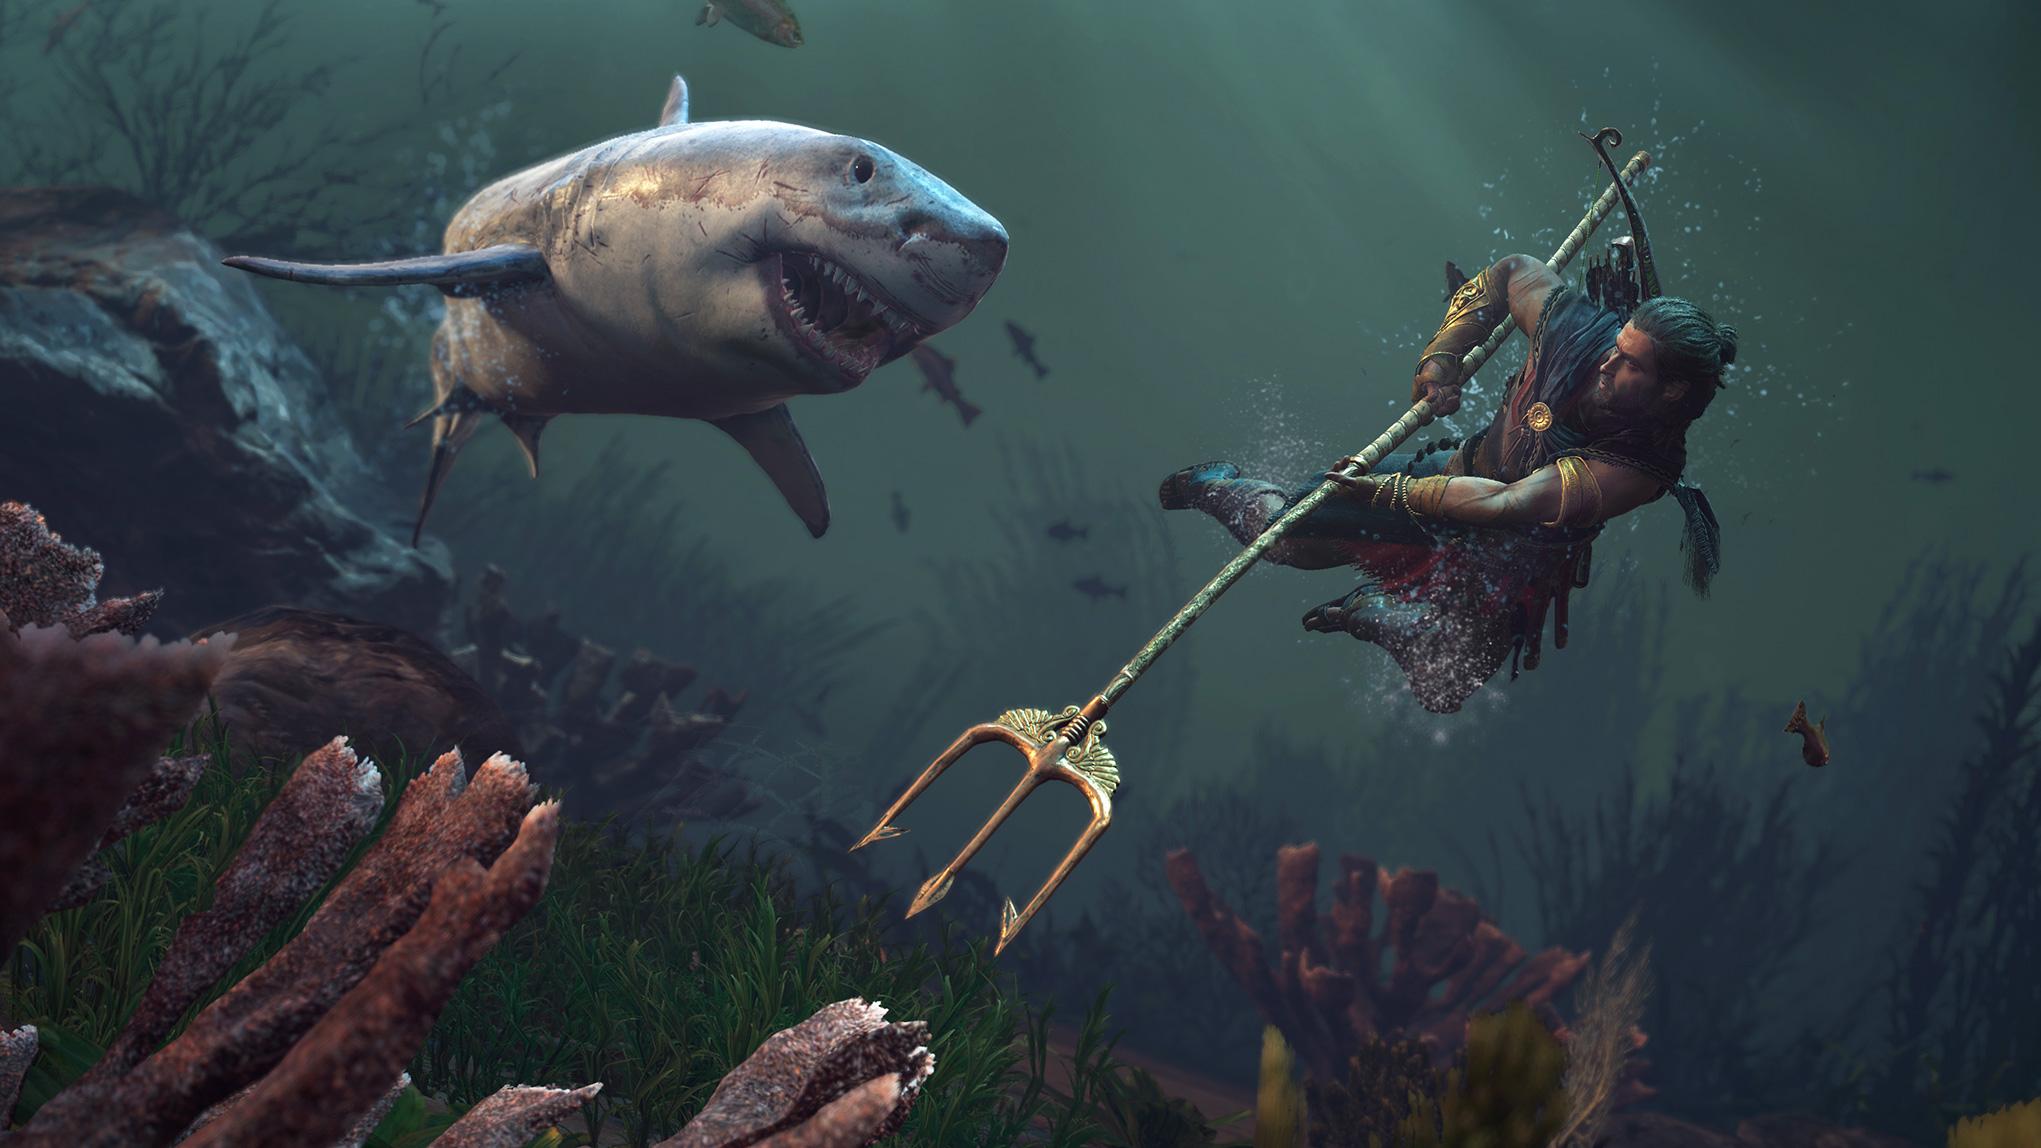 Unter Wasser erschweren Raubfische und Sauerstoffknappheit das Heldenleben.